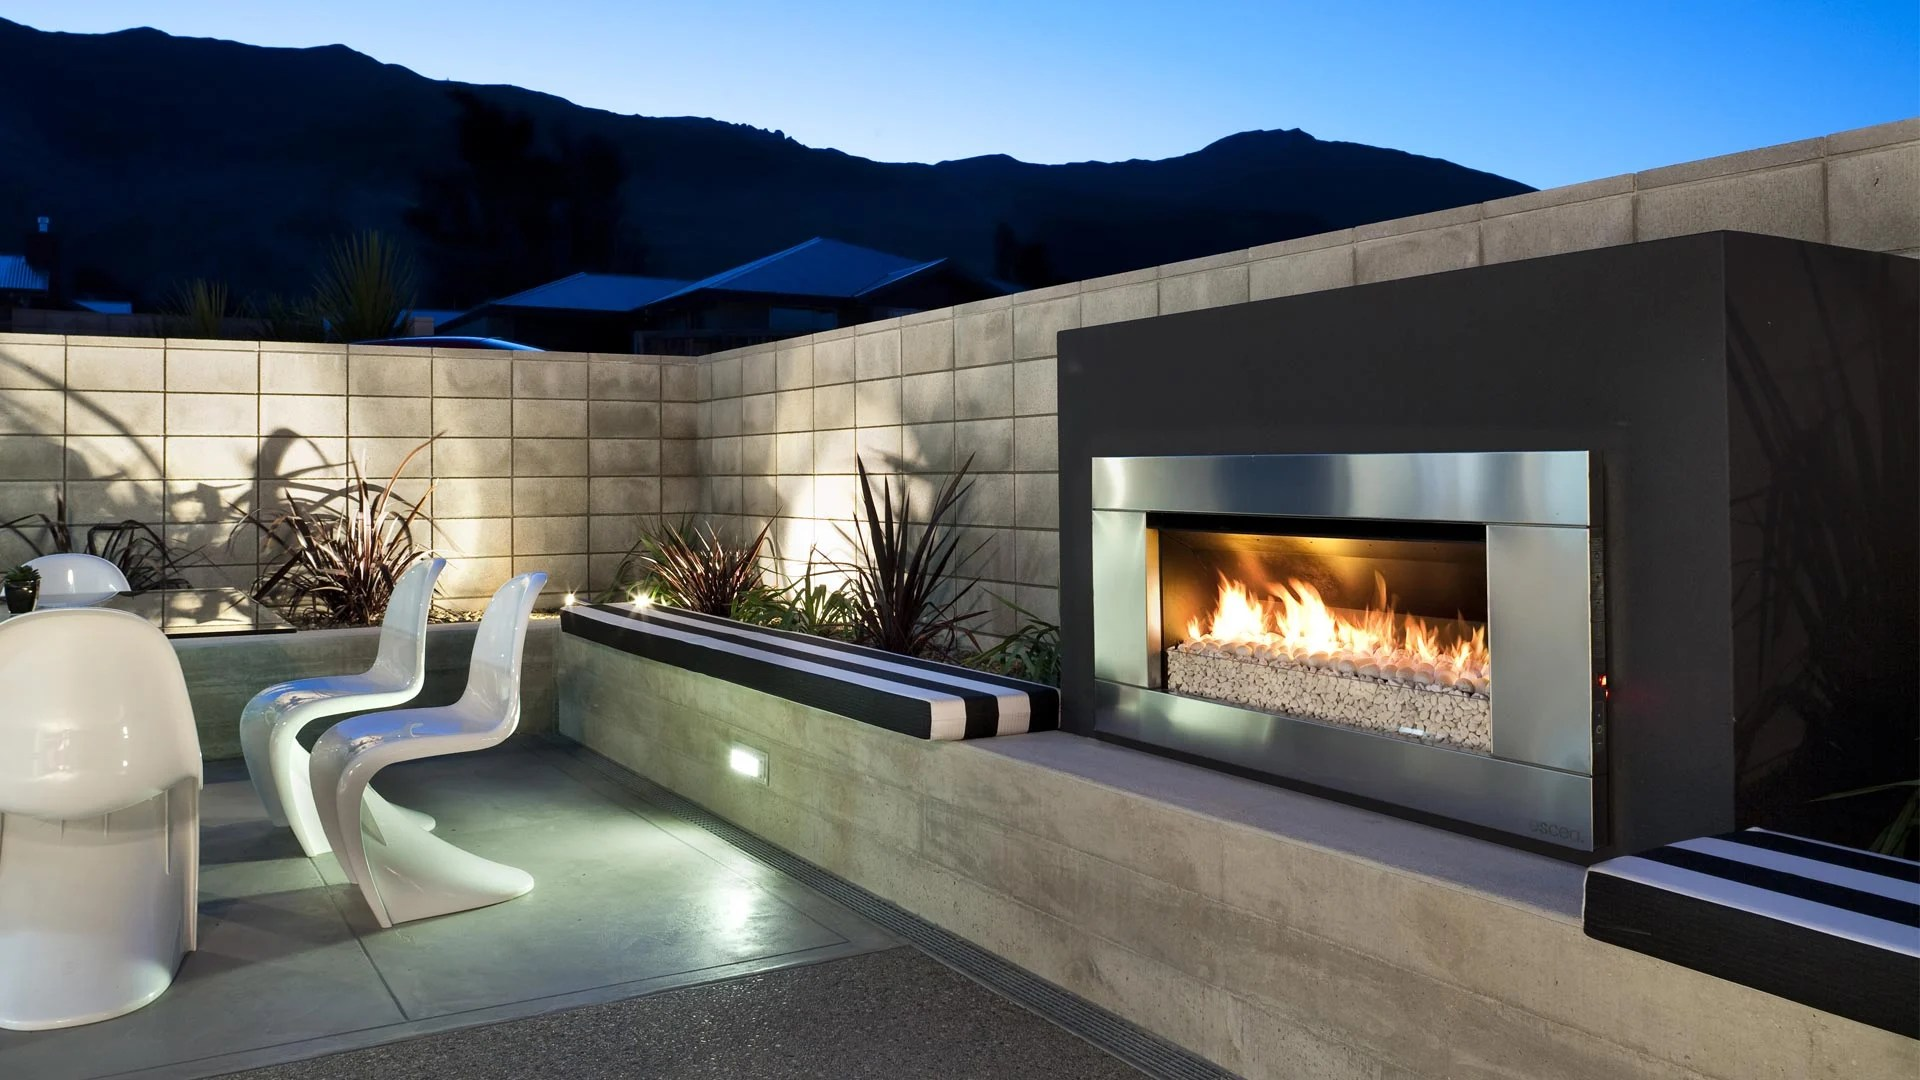 Escea Ef Outdoor Gas Fireplace